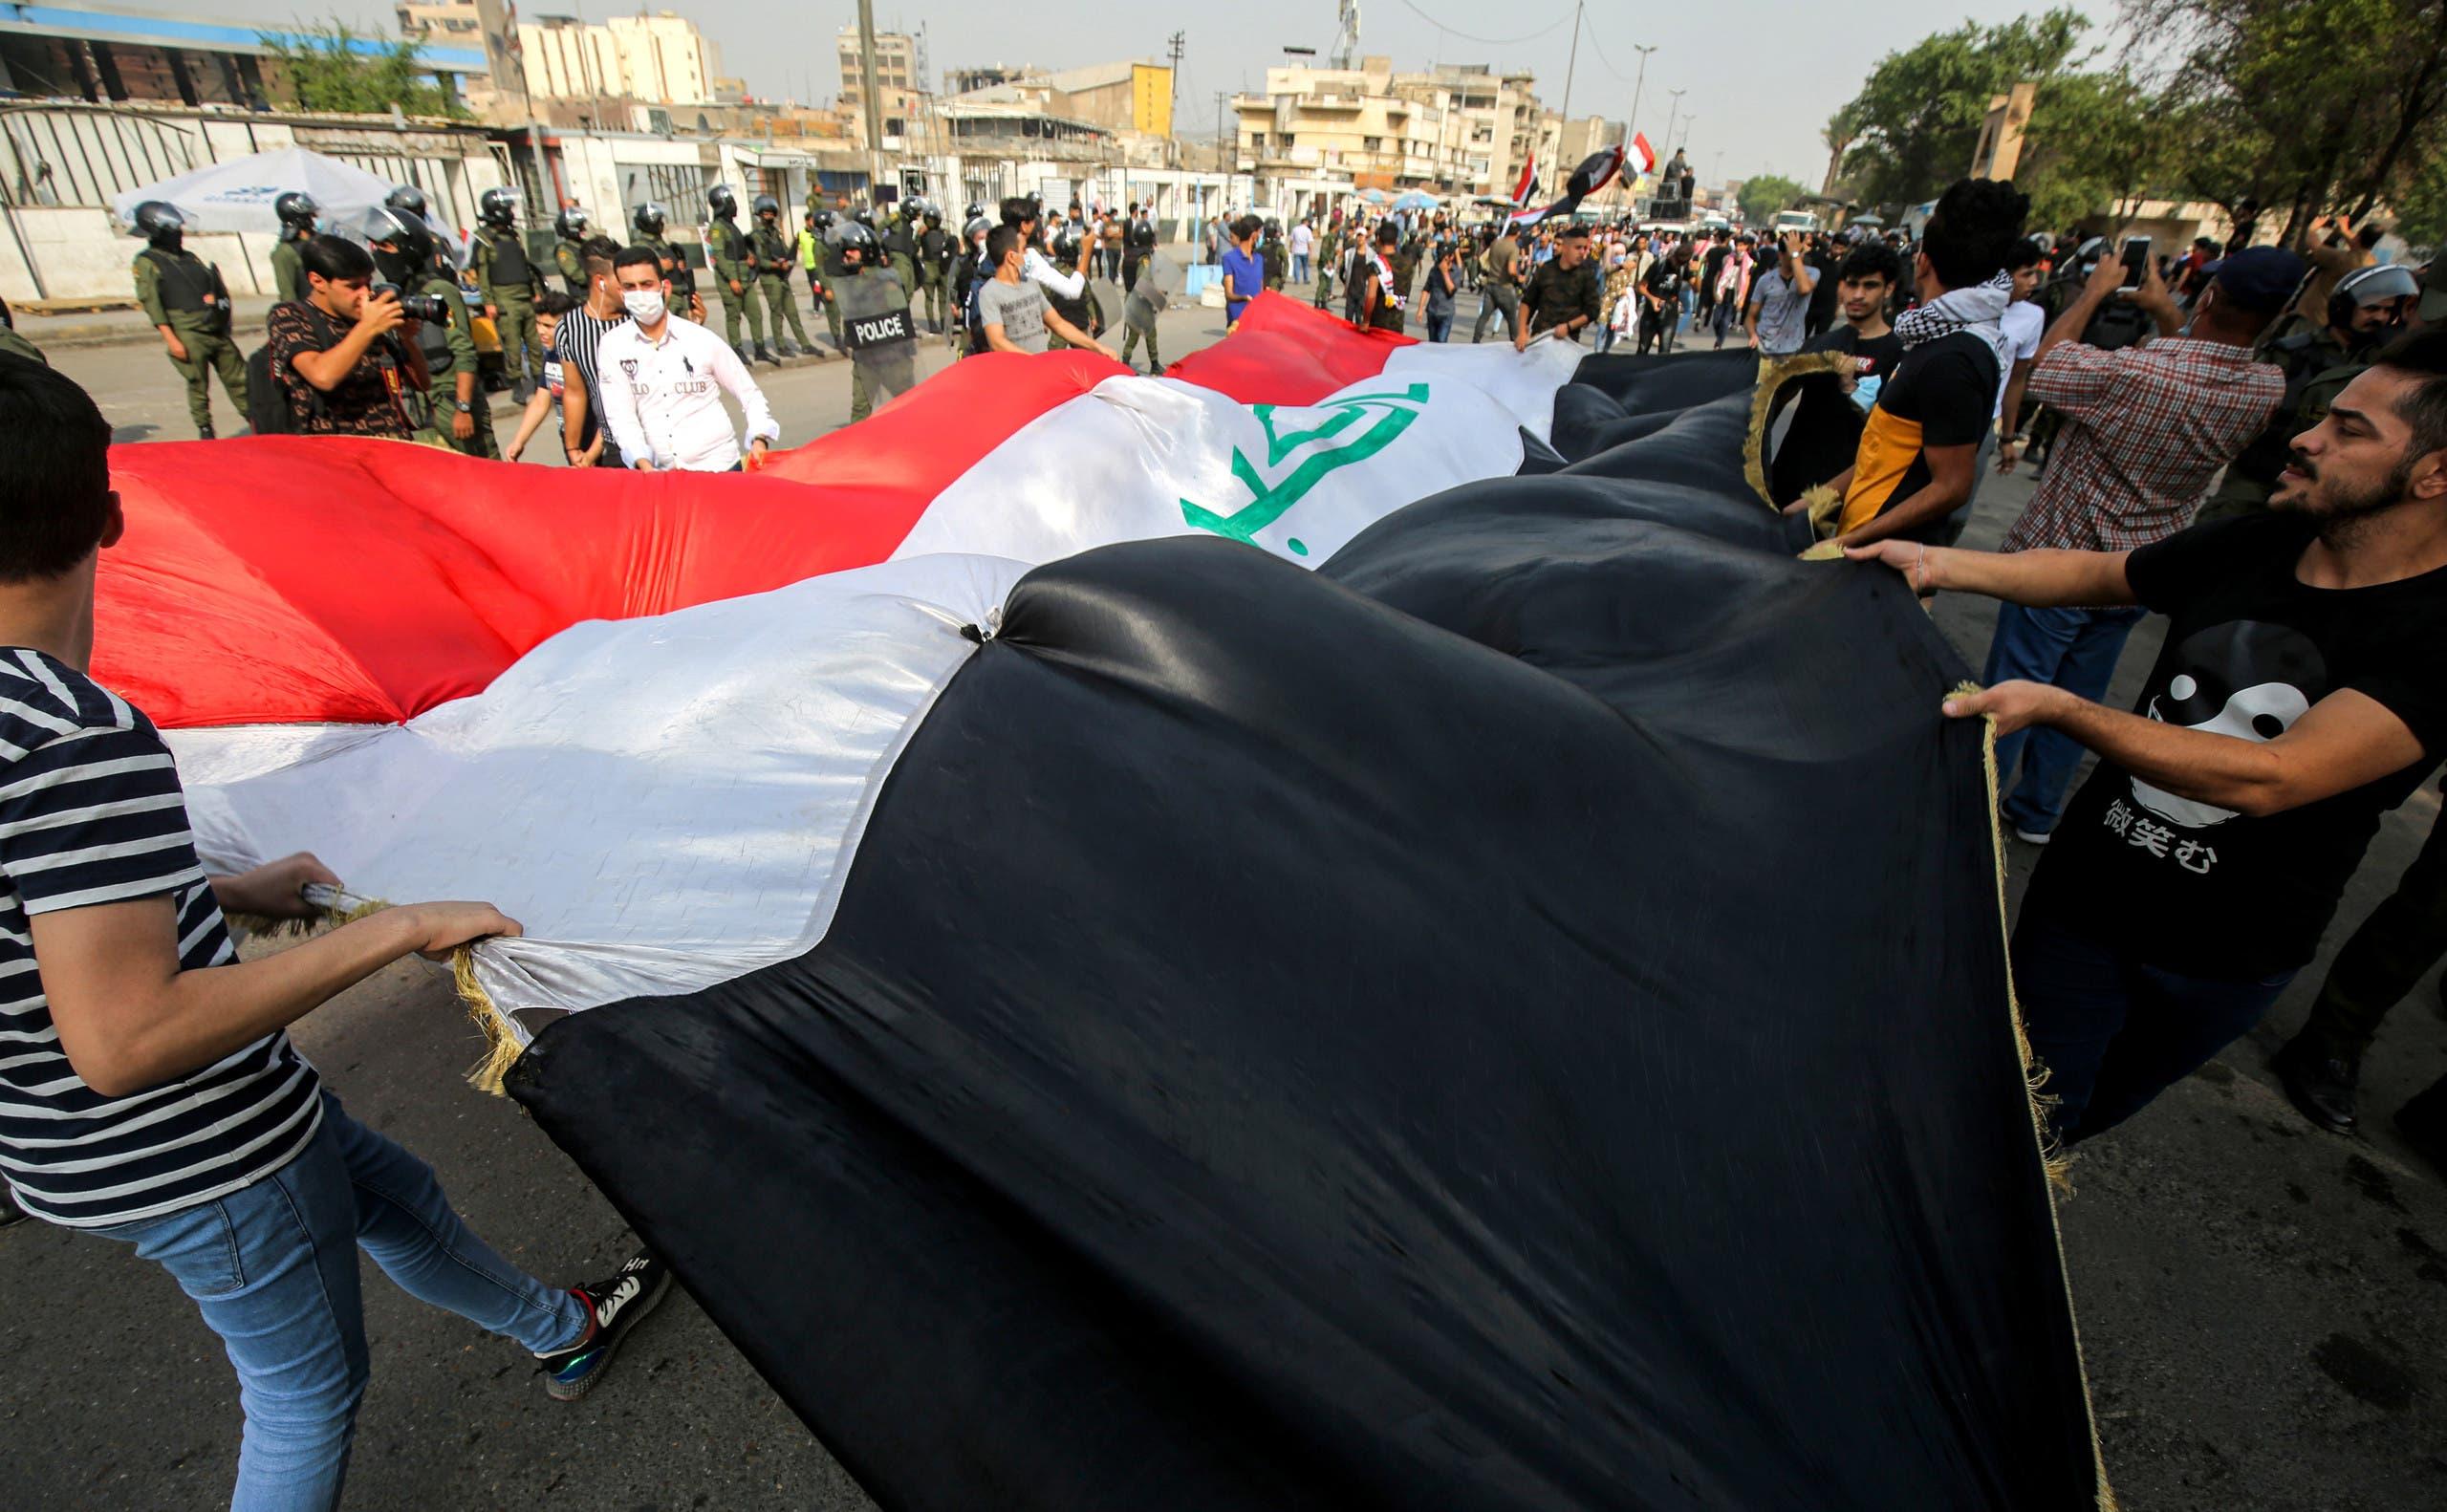 تظاهرة في بغداد ضد الفساد وتندي الخدمات